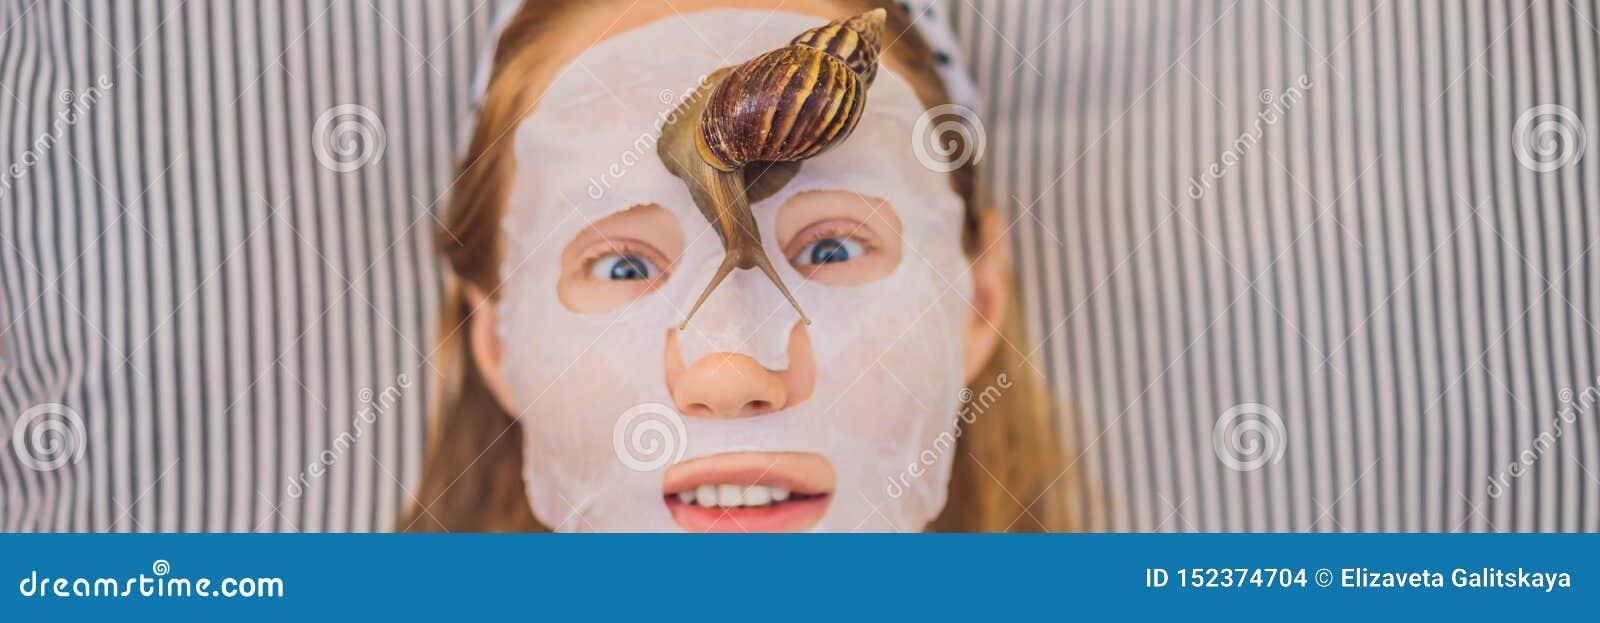 De jonge vrouw maakt een gezichtsmasker met slakslijm Slak die op een BANNER van het gezichtsmasker, LANG FORMAAT kruipen